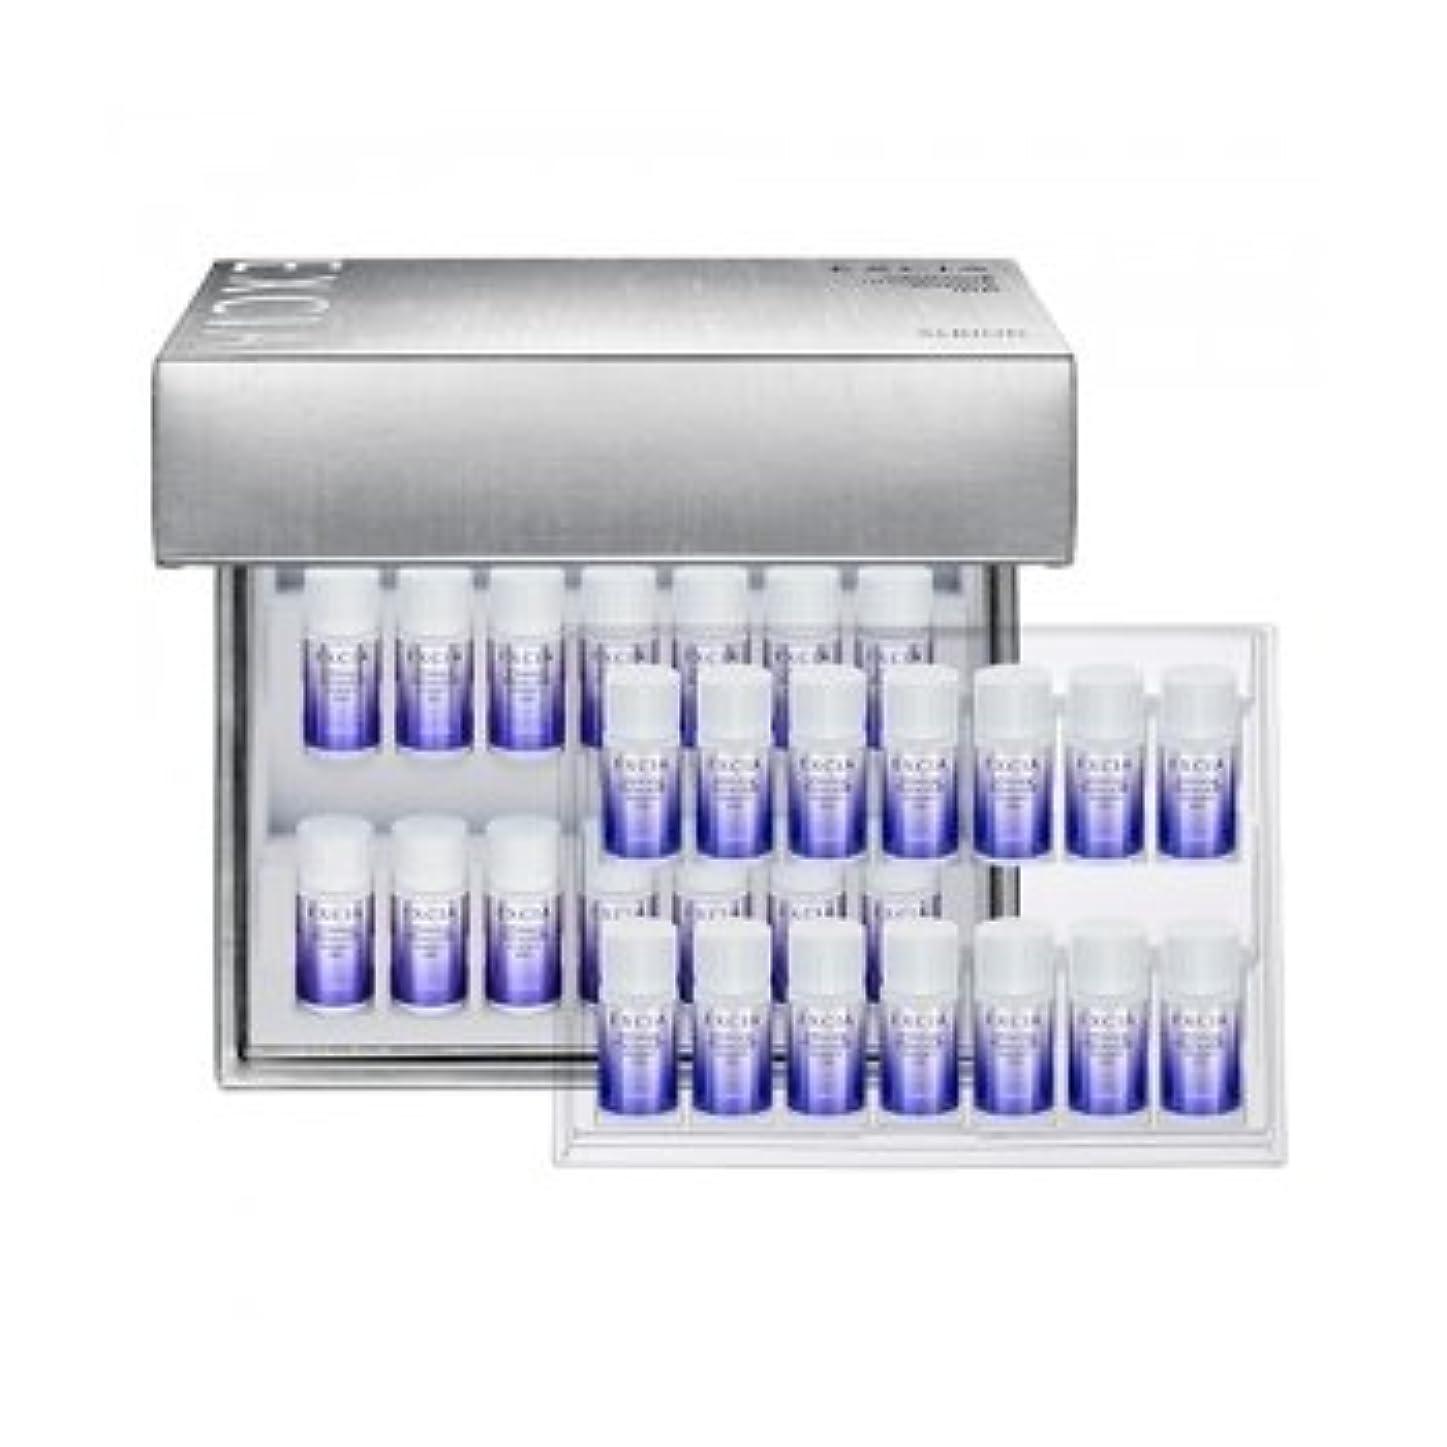 恐ろしい可聴醸造所アルビオン エクシア AL ホワイトニング イマキュレート エッセンス IDD 1.5ml×28個 [並行輸入品]